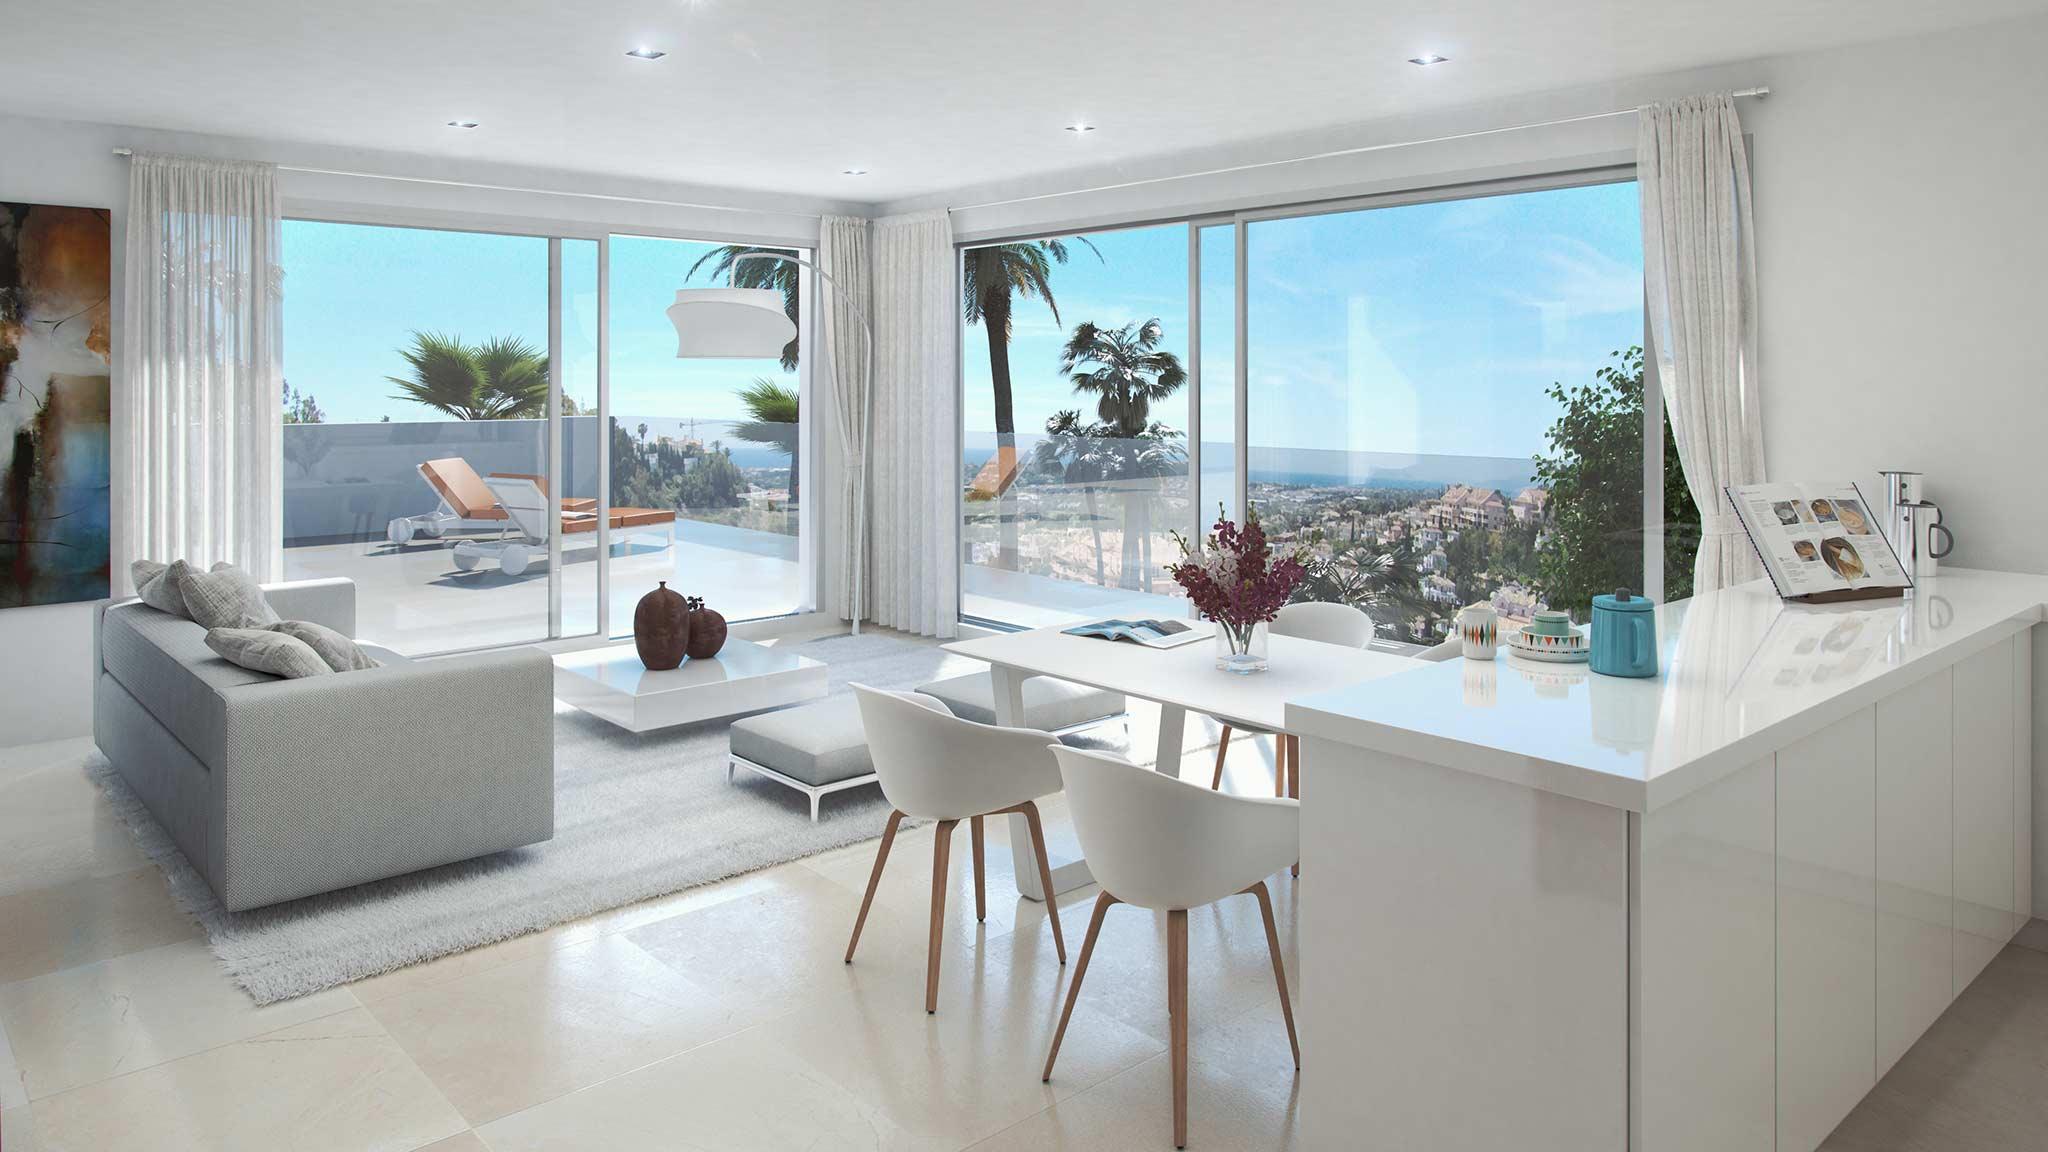 la-morelia-apartments-marbella